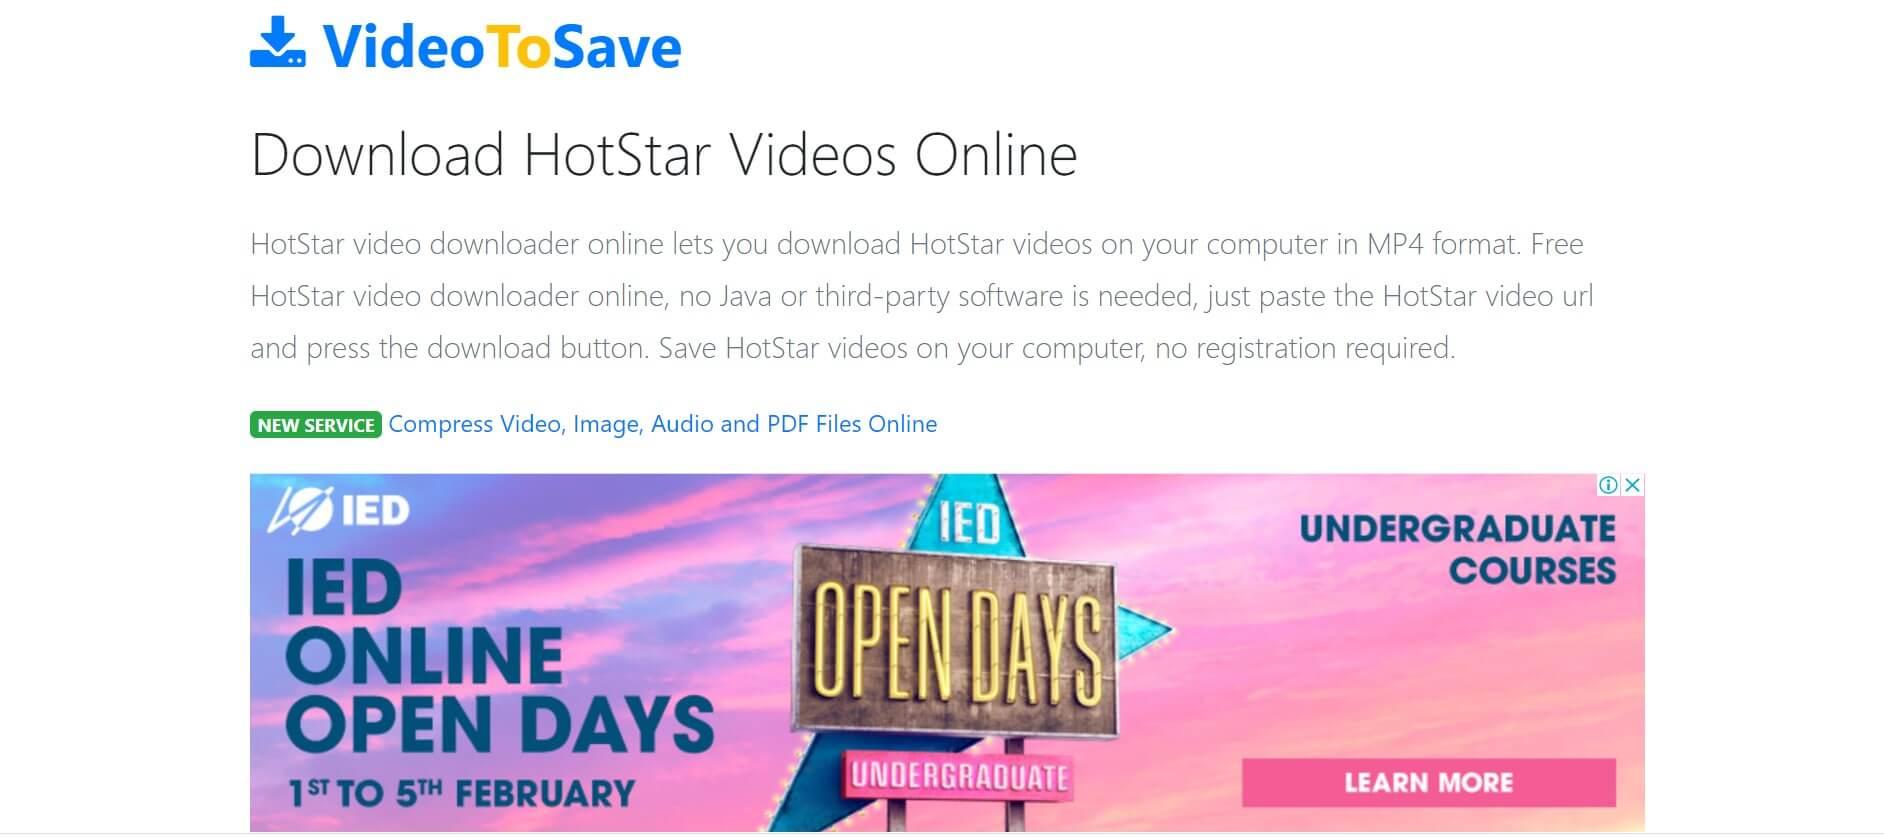 Videotosave-Hotstar Downloader